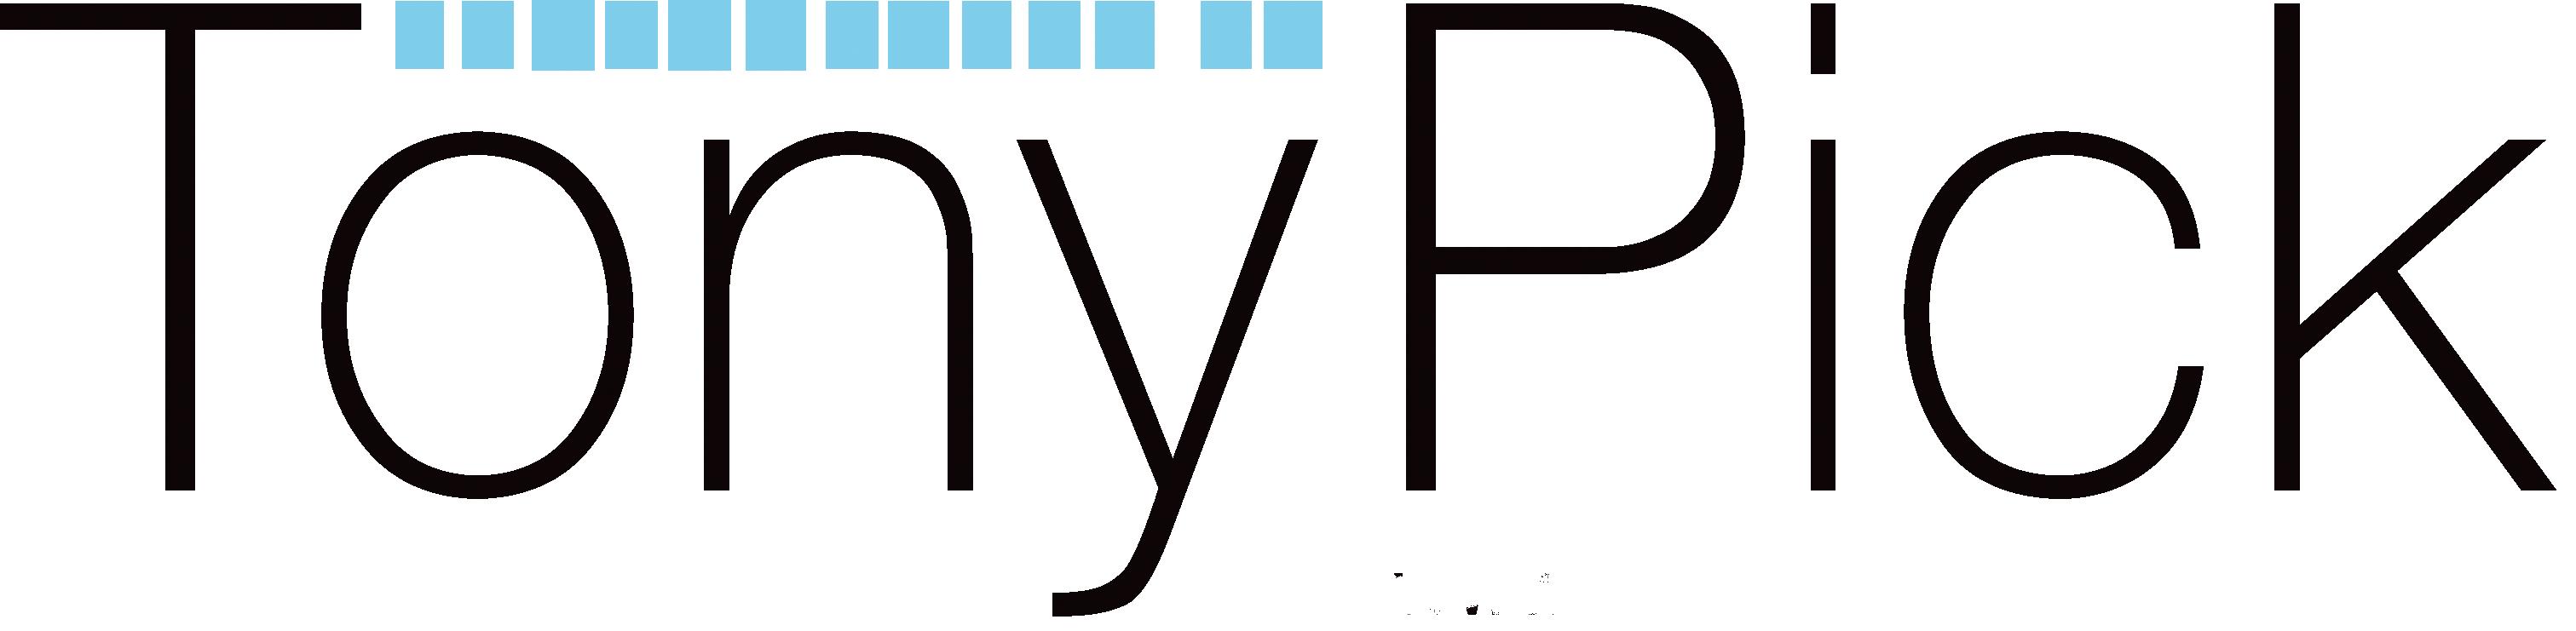 tony-pick-photography-logo